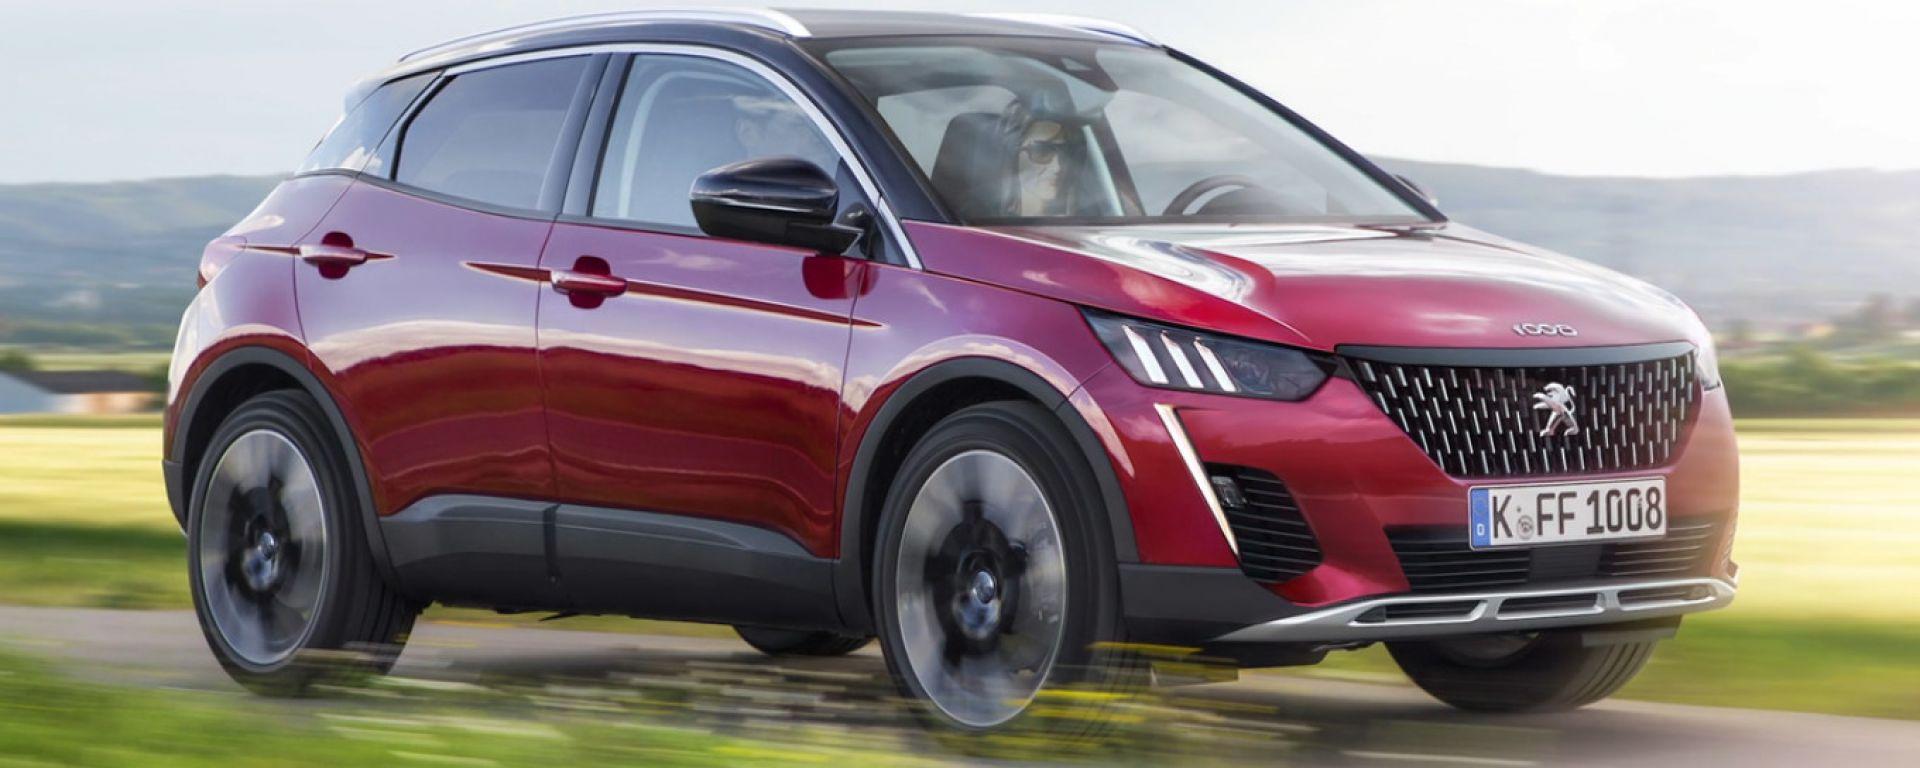 Nuova Peugeot 1008, il render di AutoBild